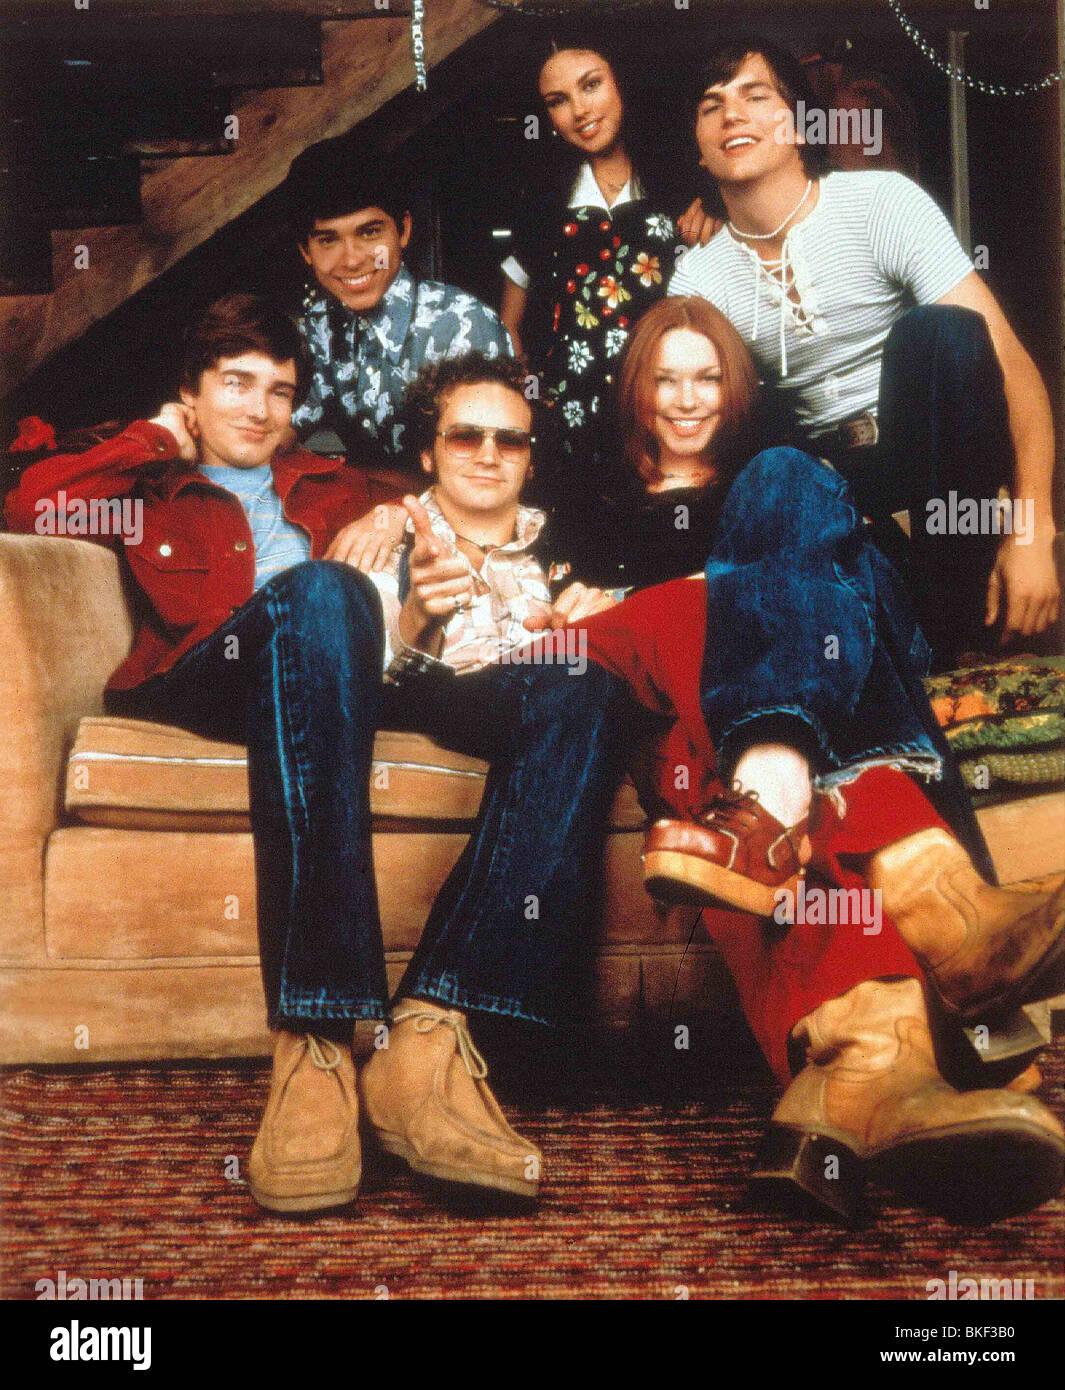 Che 70'S SHOW (TV - 1998) Topher Grace, WILMER VALDERAMA, DANNY MASTERSON, Mila Kunis, LAURA PREPON, Ashton Immagini Stock